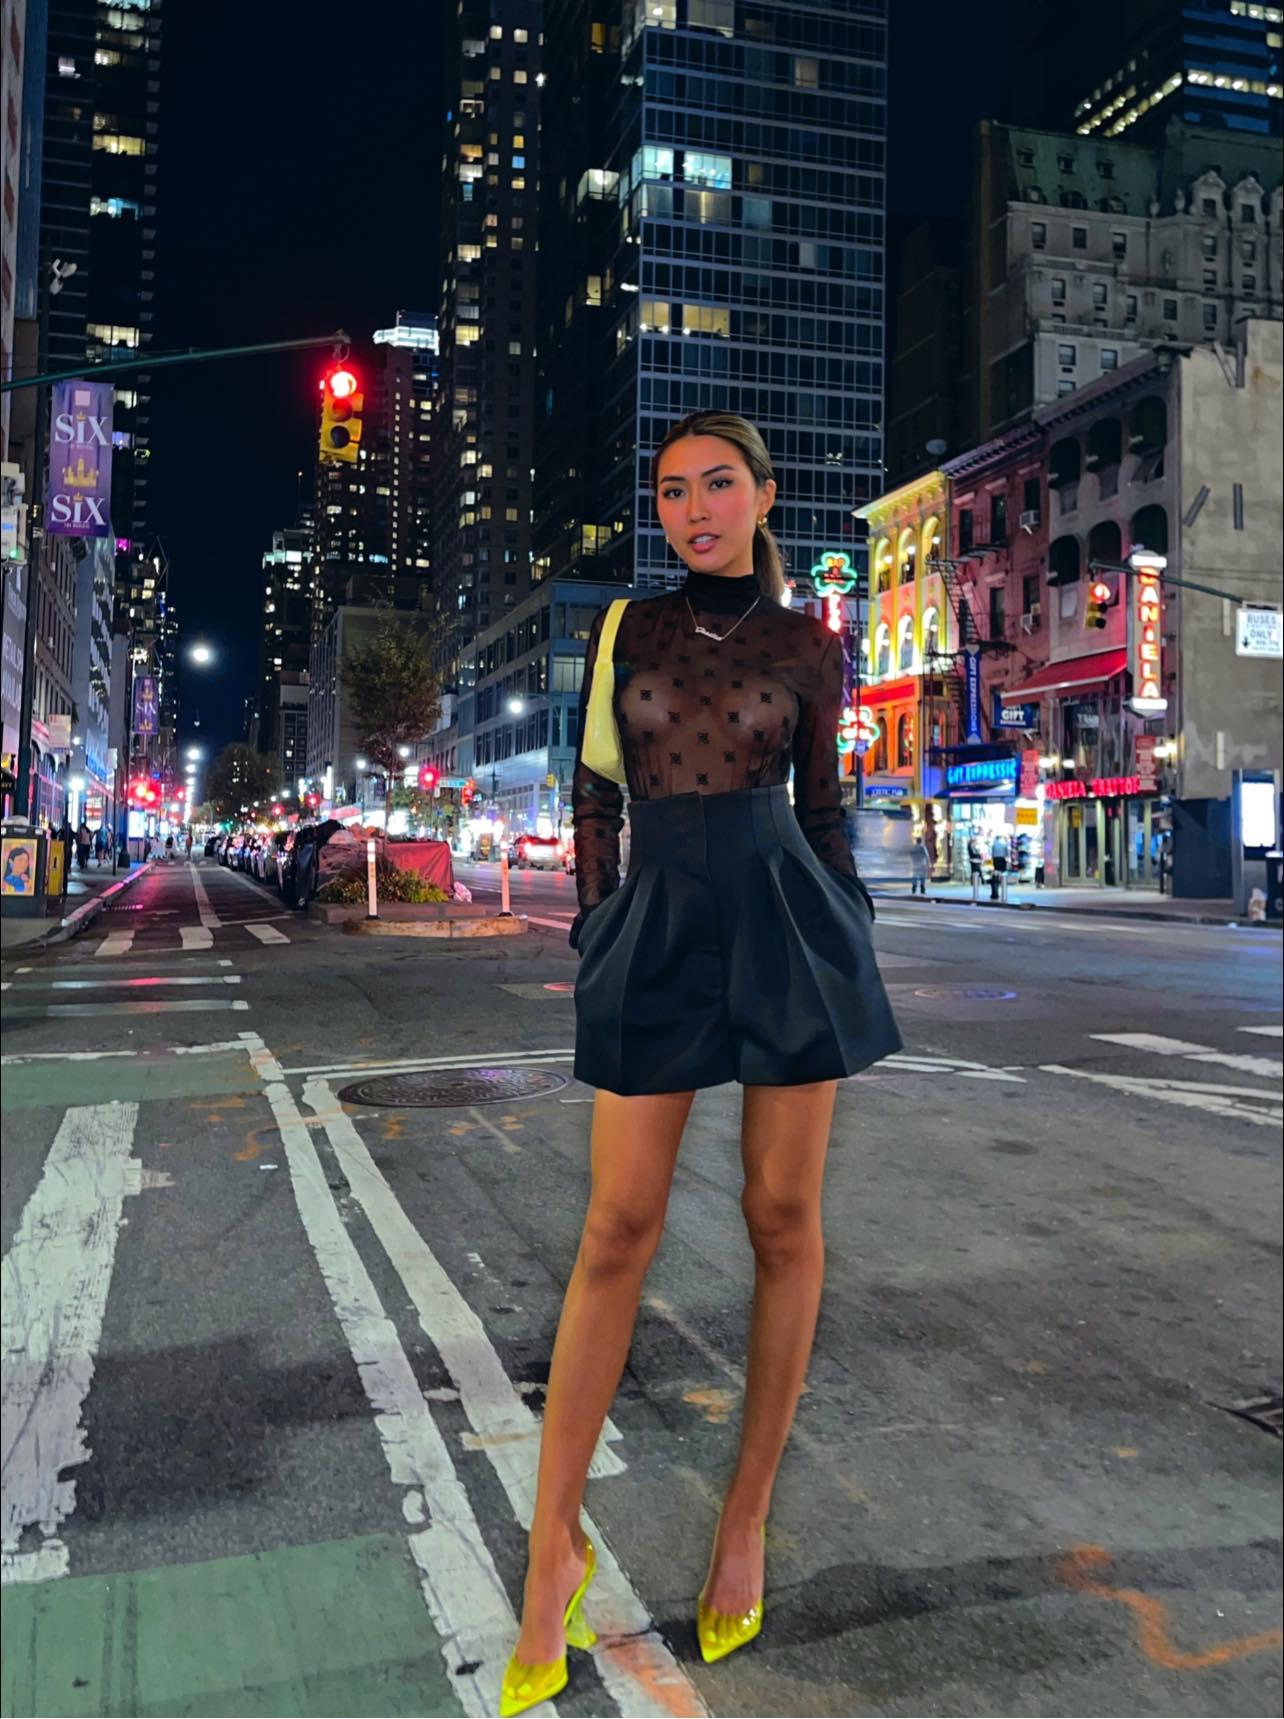 Hoa hậu Tường Linh và những lần gây 'sốc thị giác' với những mẫu áo 'phản chủ' khiến netizen đỏ mặt - Ảnh 4